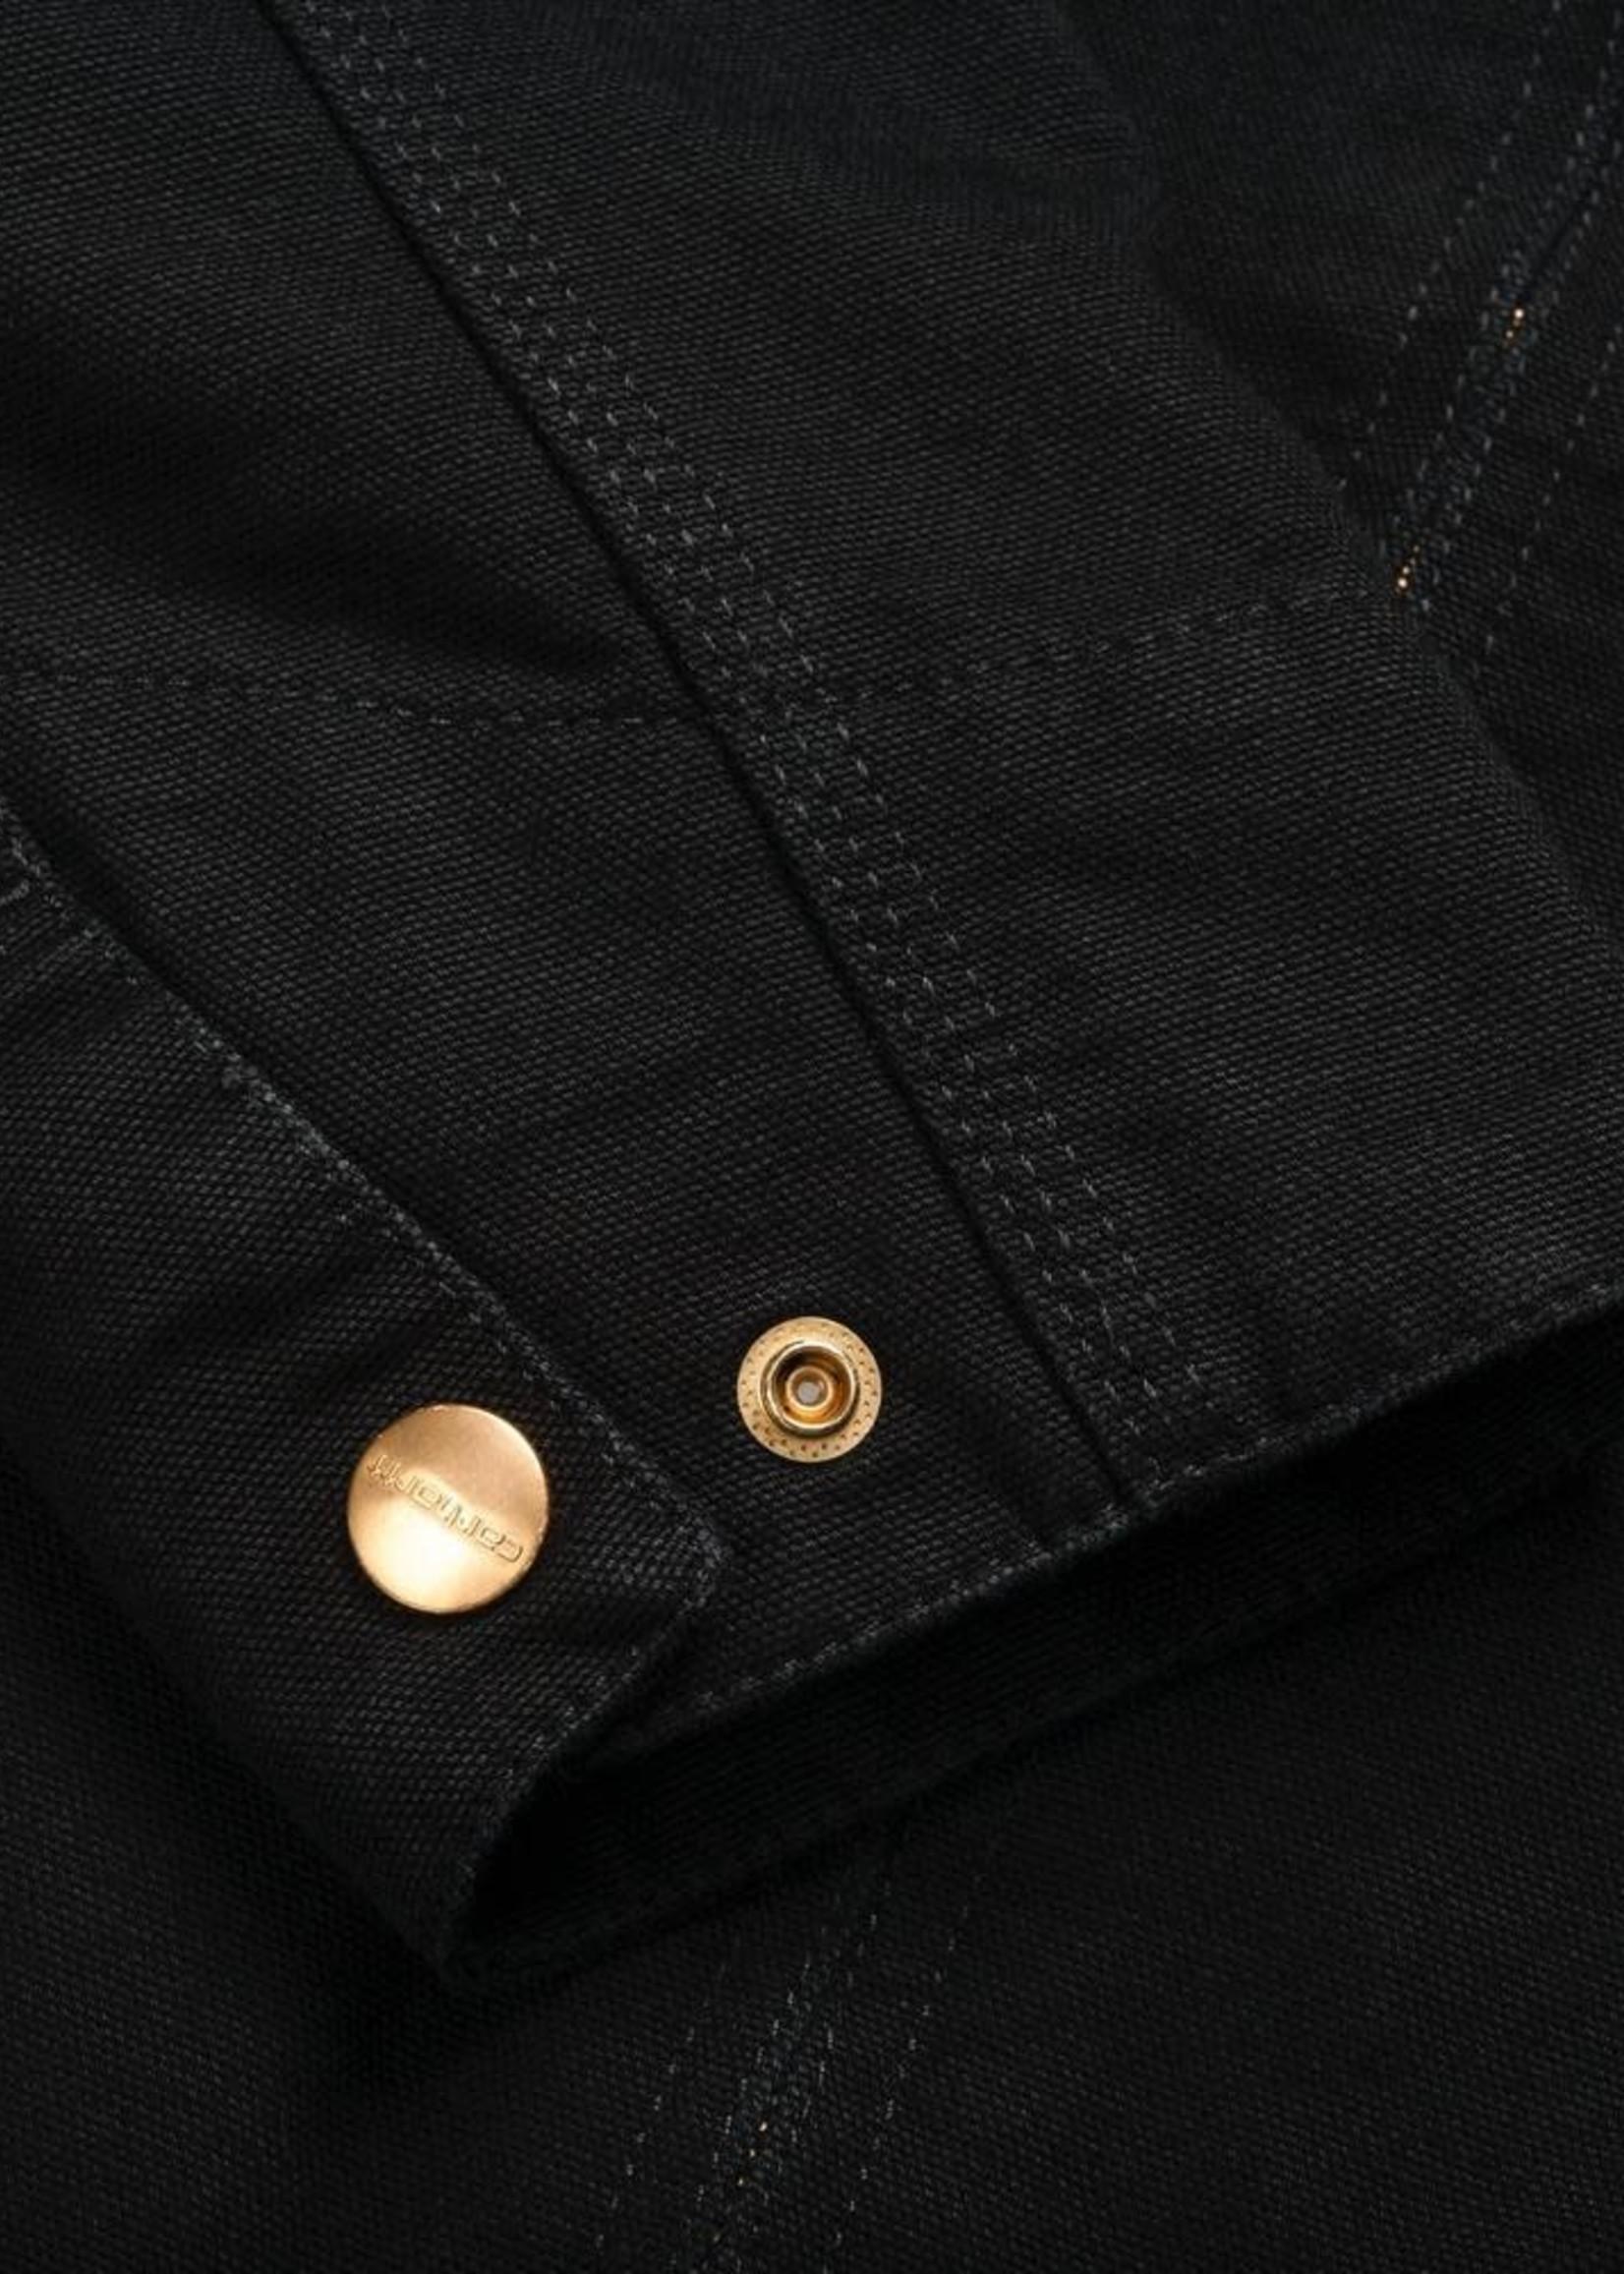 Carhartt Work In Progress Detroit Canvas Jacket in Black